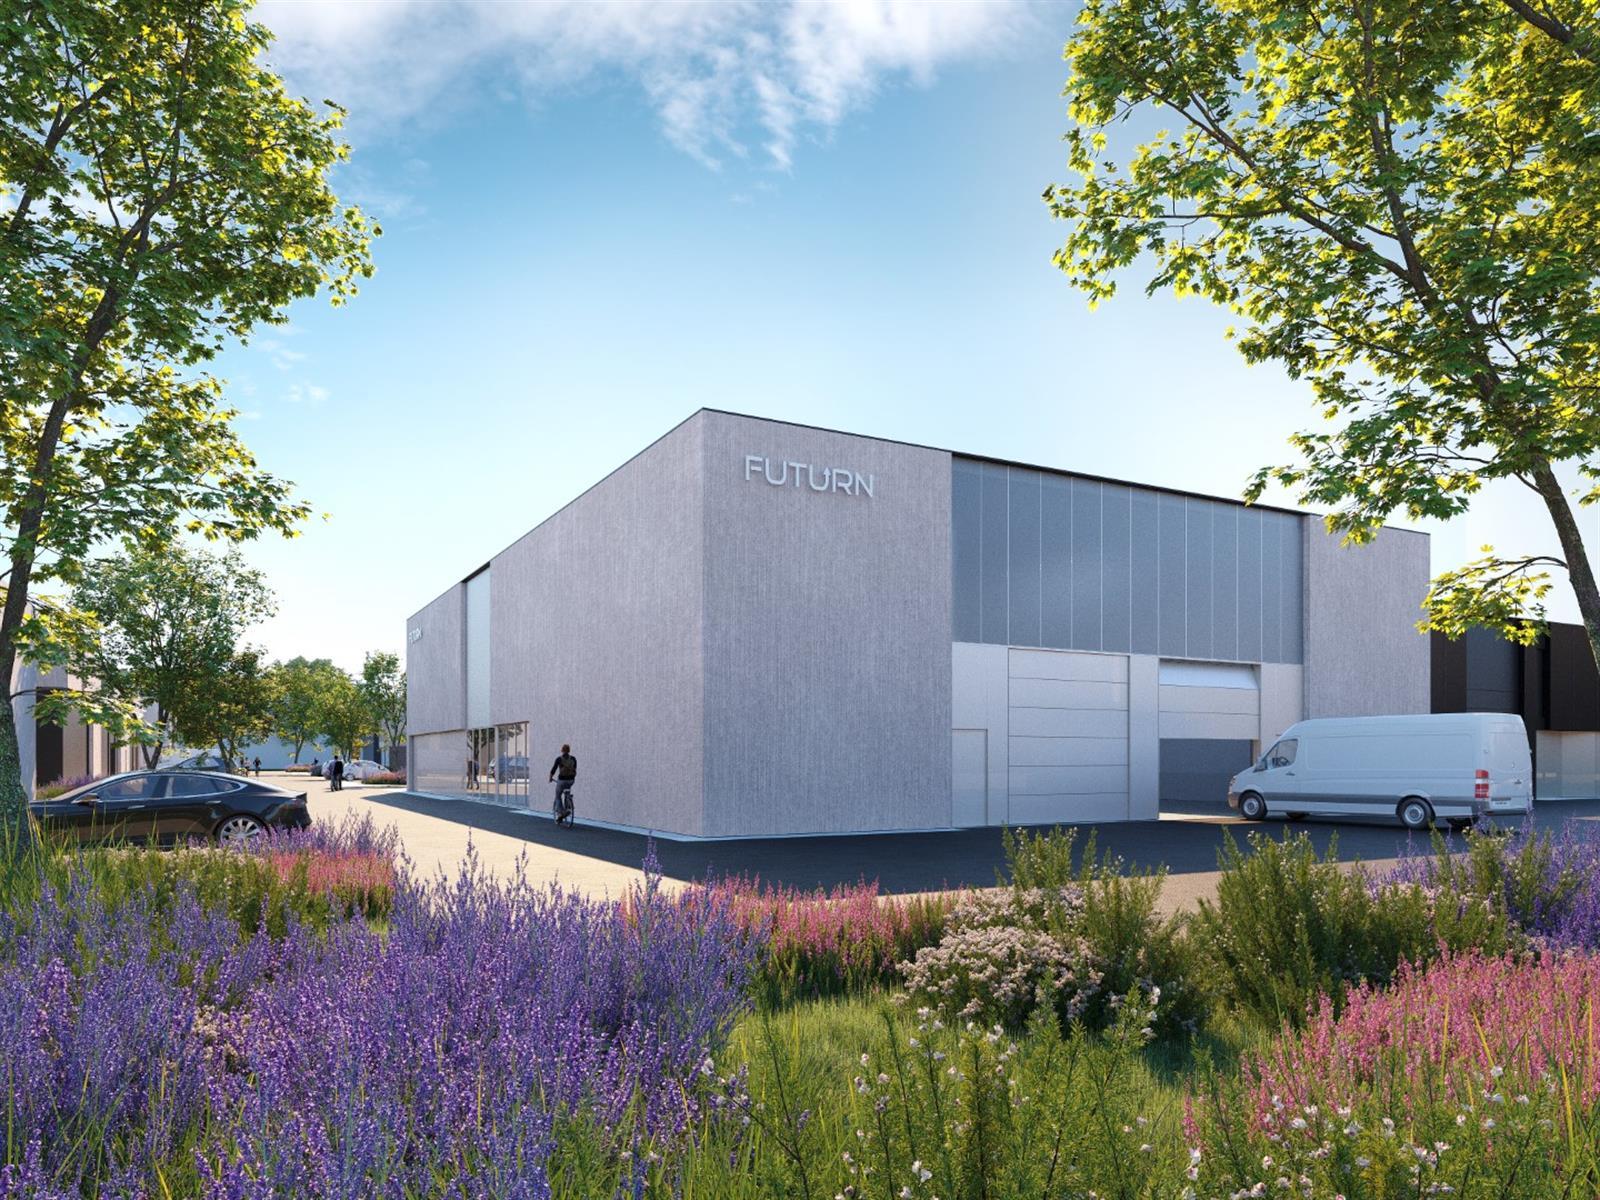 KMO-unit te koop Heros Businesspark KMO Unit 7 - Herkenrodesingel 10, 3500 Hasselt, België 10